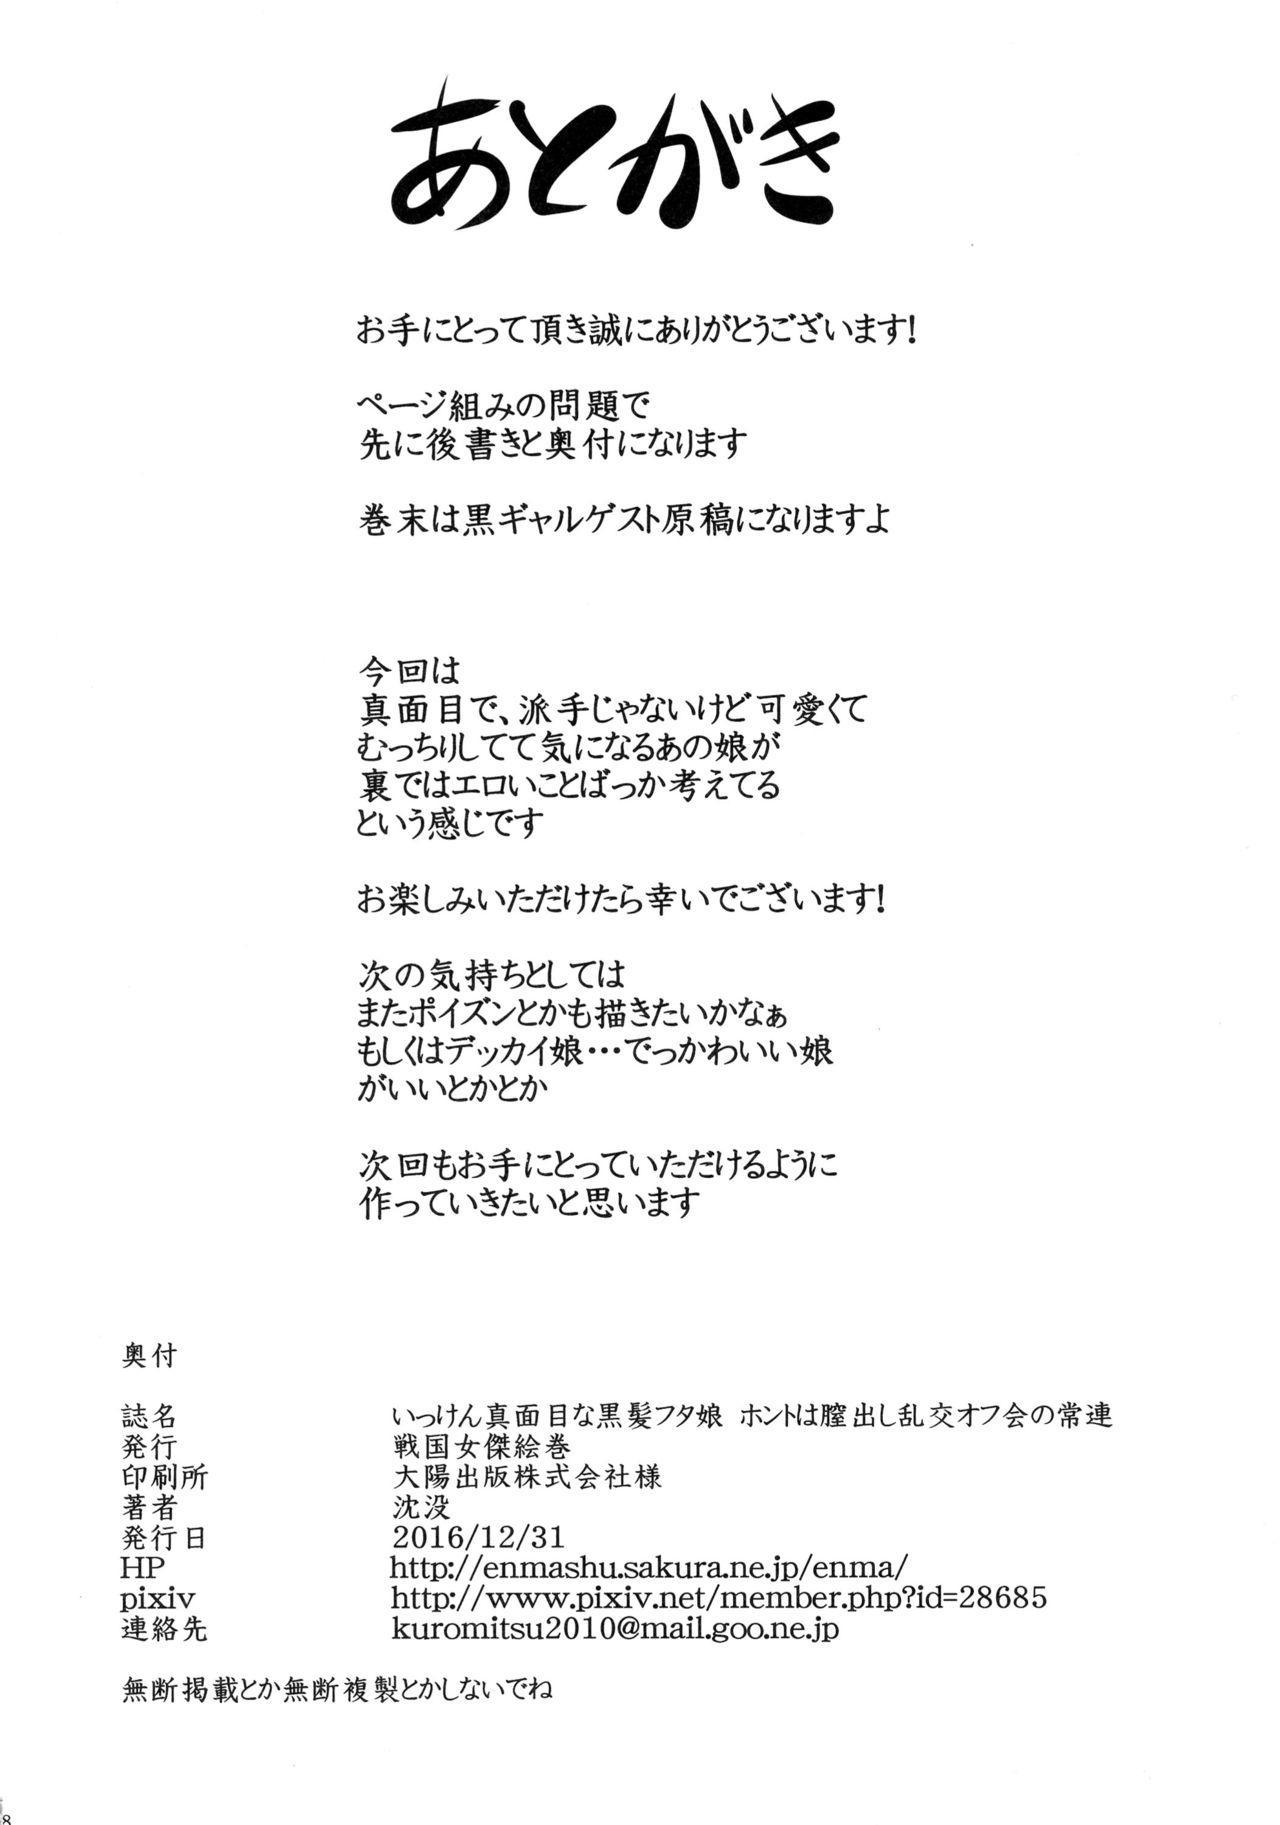 Ikken Majimena Kurokami Futa Musume Honto wa Chitsu Dashi Rankou Ofu-kai no Jouren 16